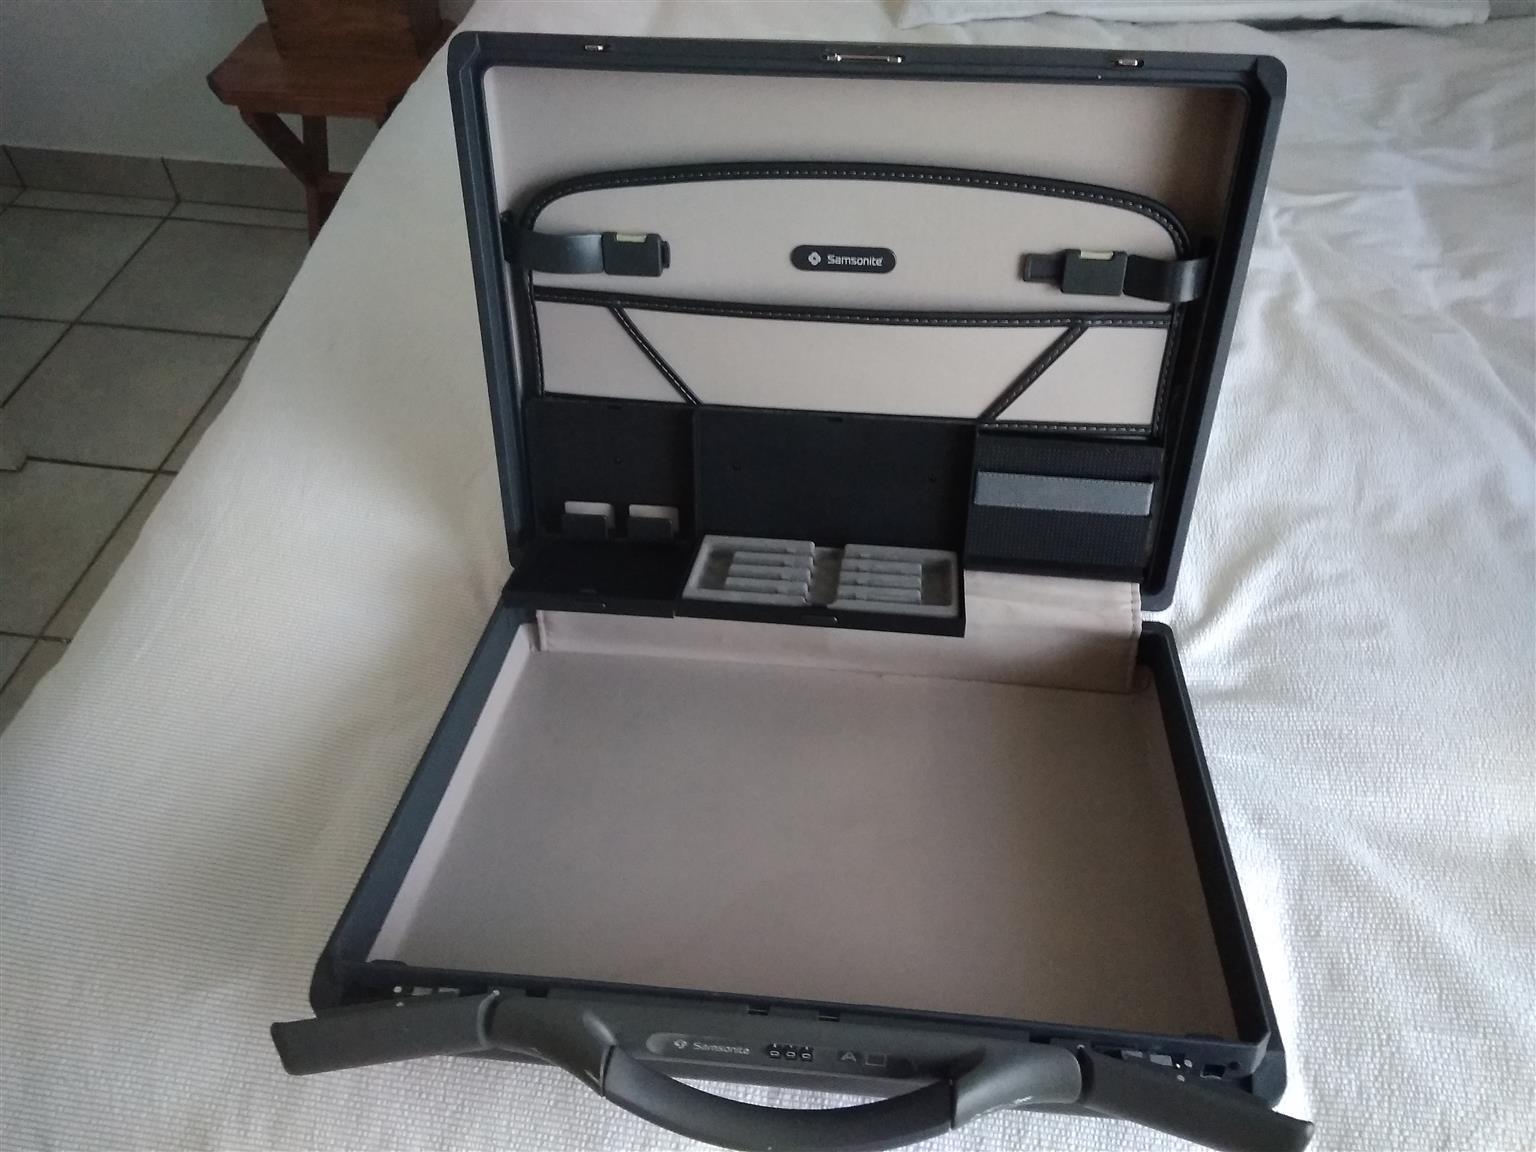 Samsonite Hard Case Briefcase